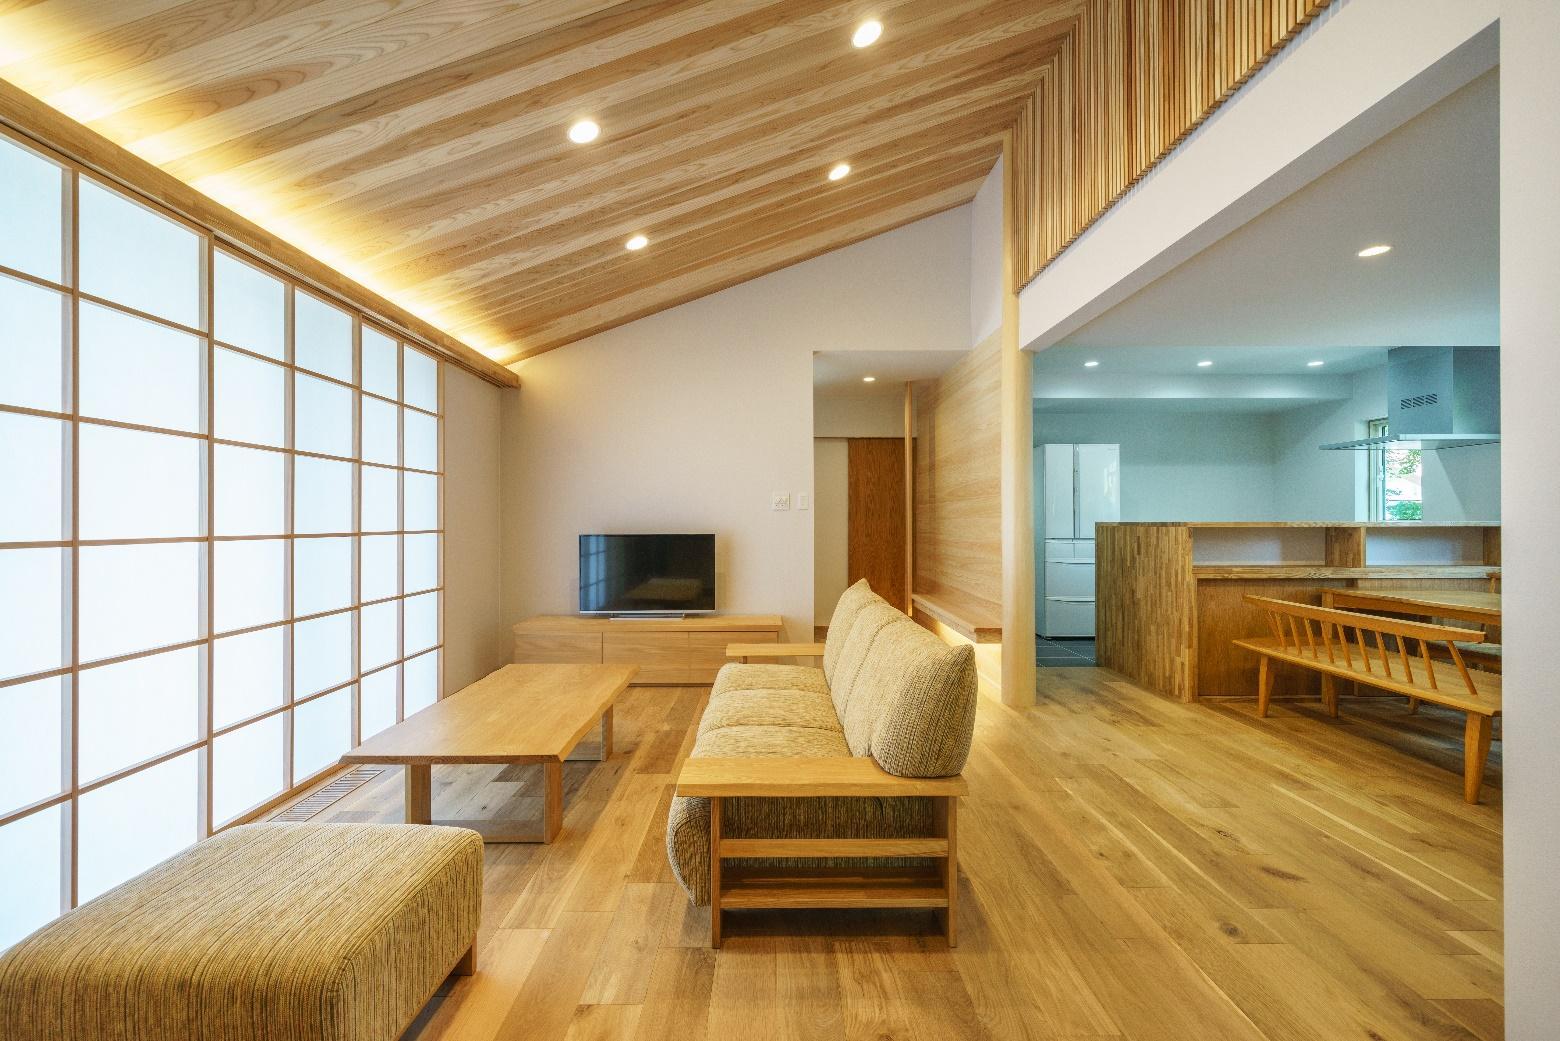 工務店の優れた技術と美しい空間デザインは住まう人の快適さを創る要。